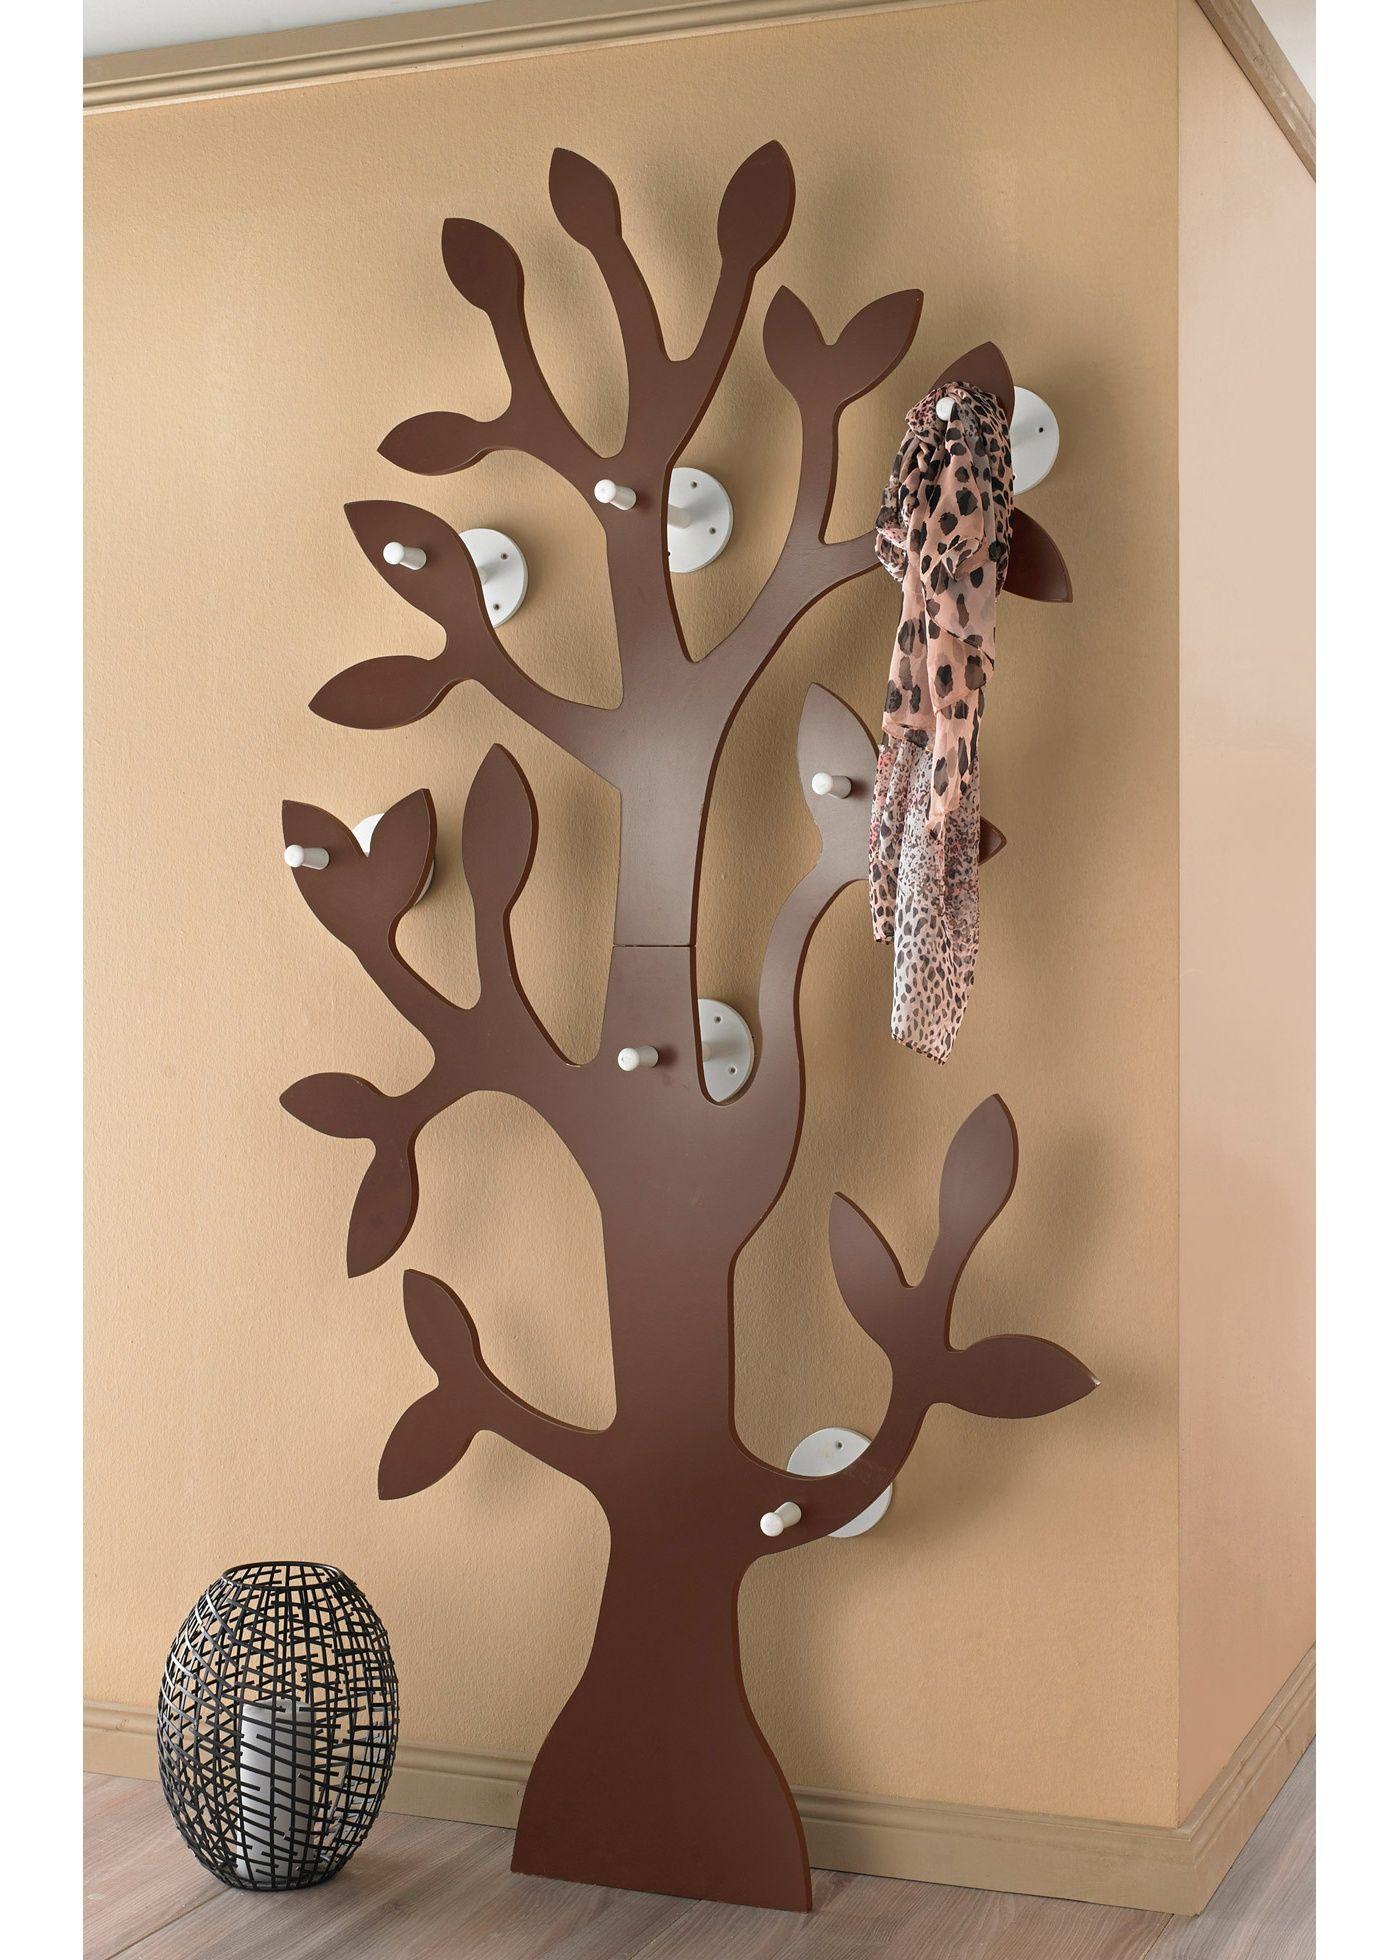 Garderobe Baum Kleiderstander Flurmobel Kleiderhaken Hutstander